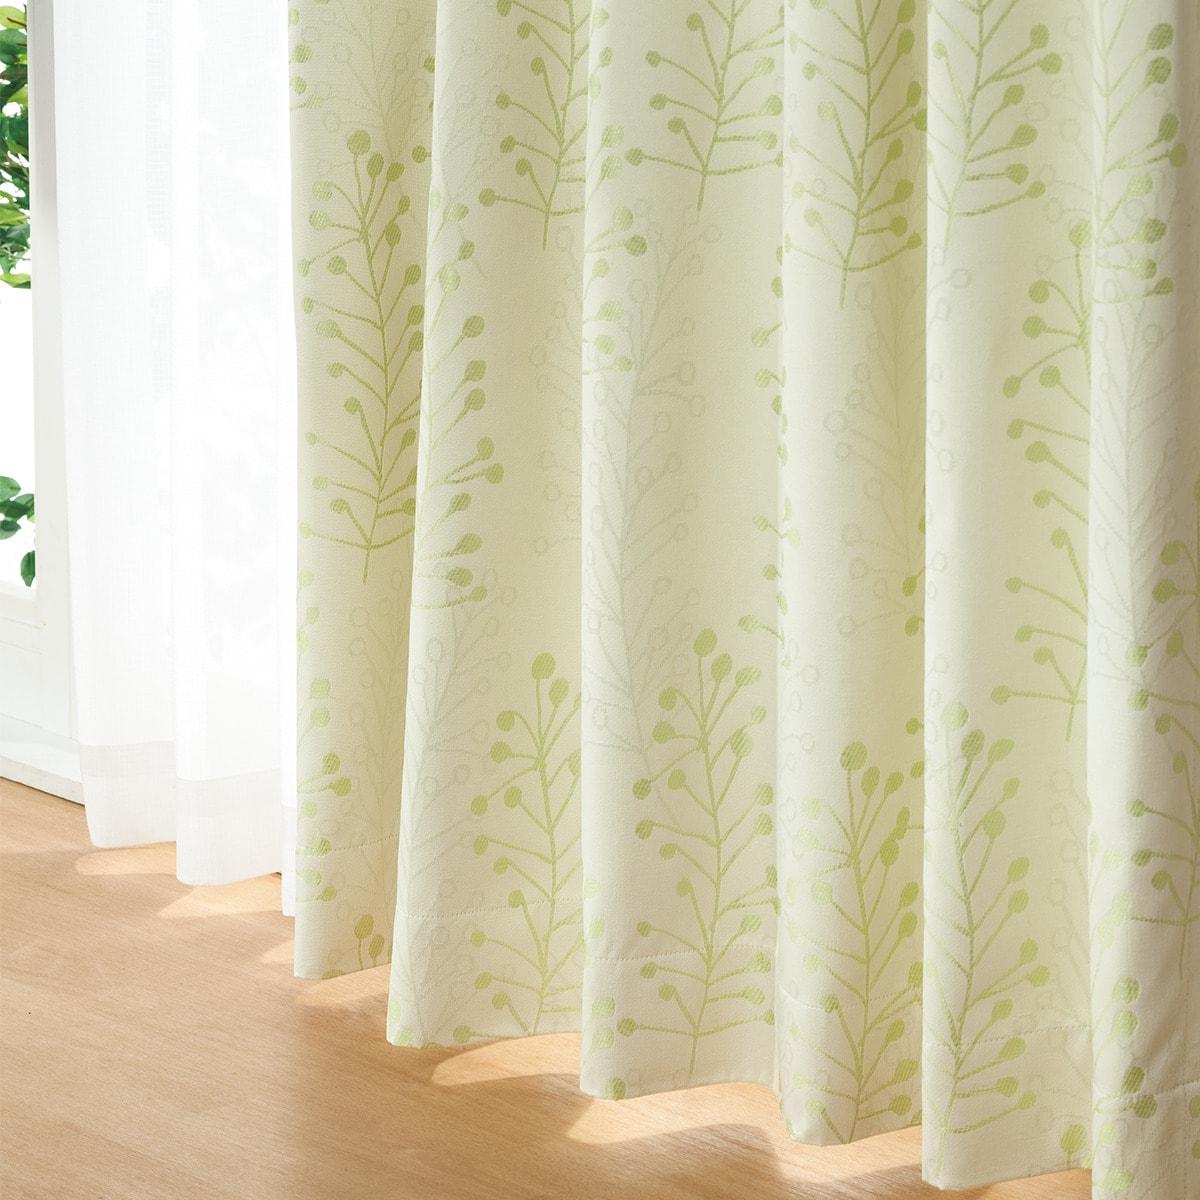 遮光1級・遮熱・遮音カーテン(ミスト3 グリーン 100X135X2)